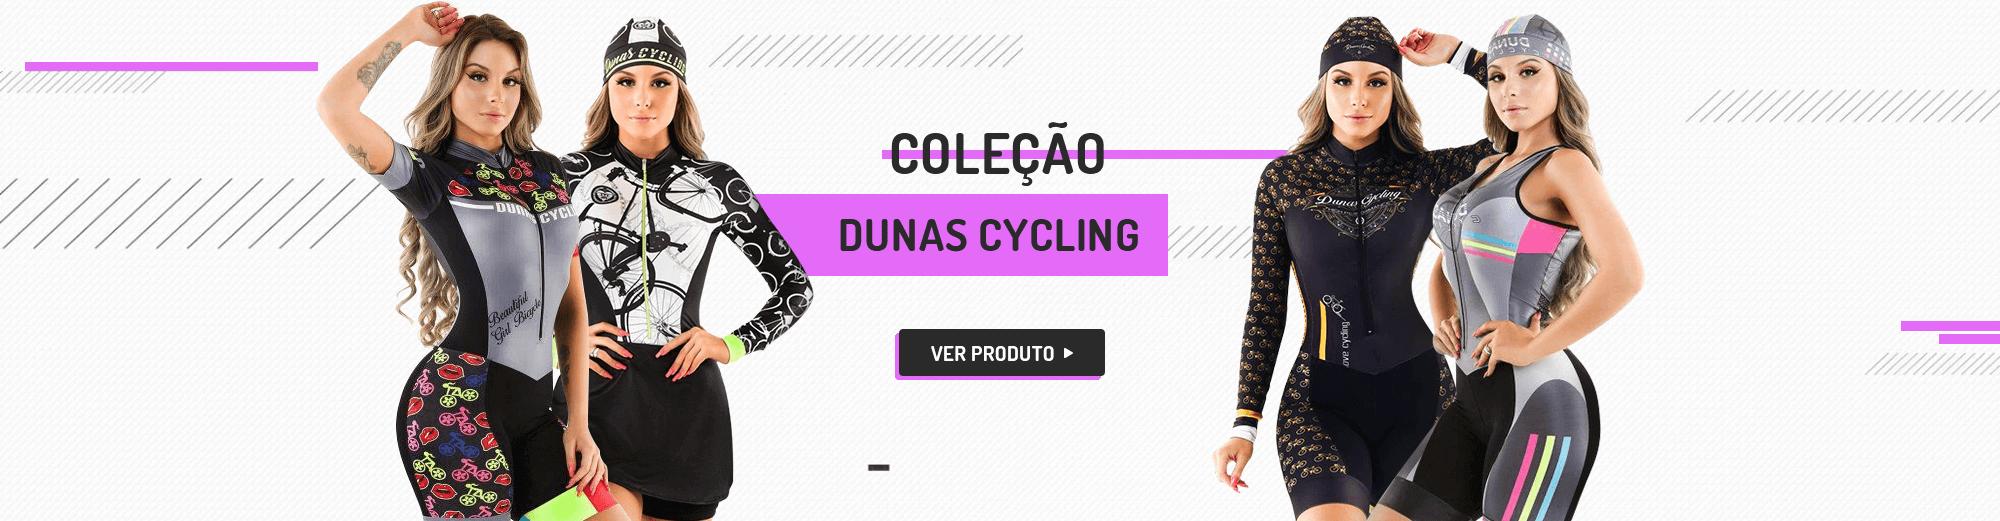 Coleção Dunas Cycling